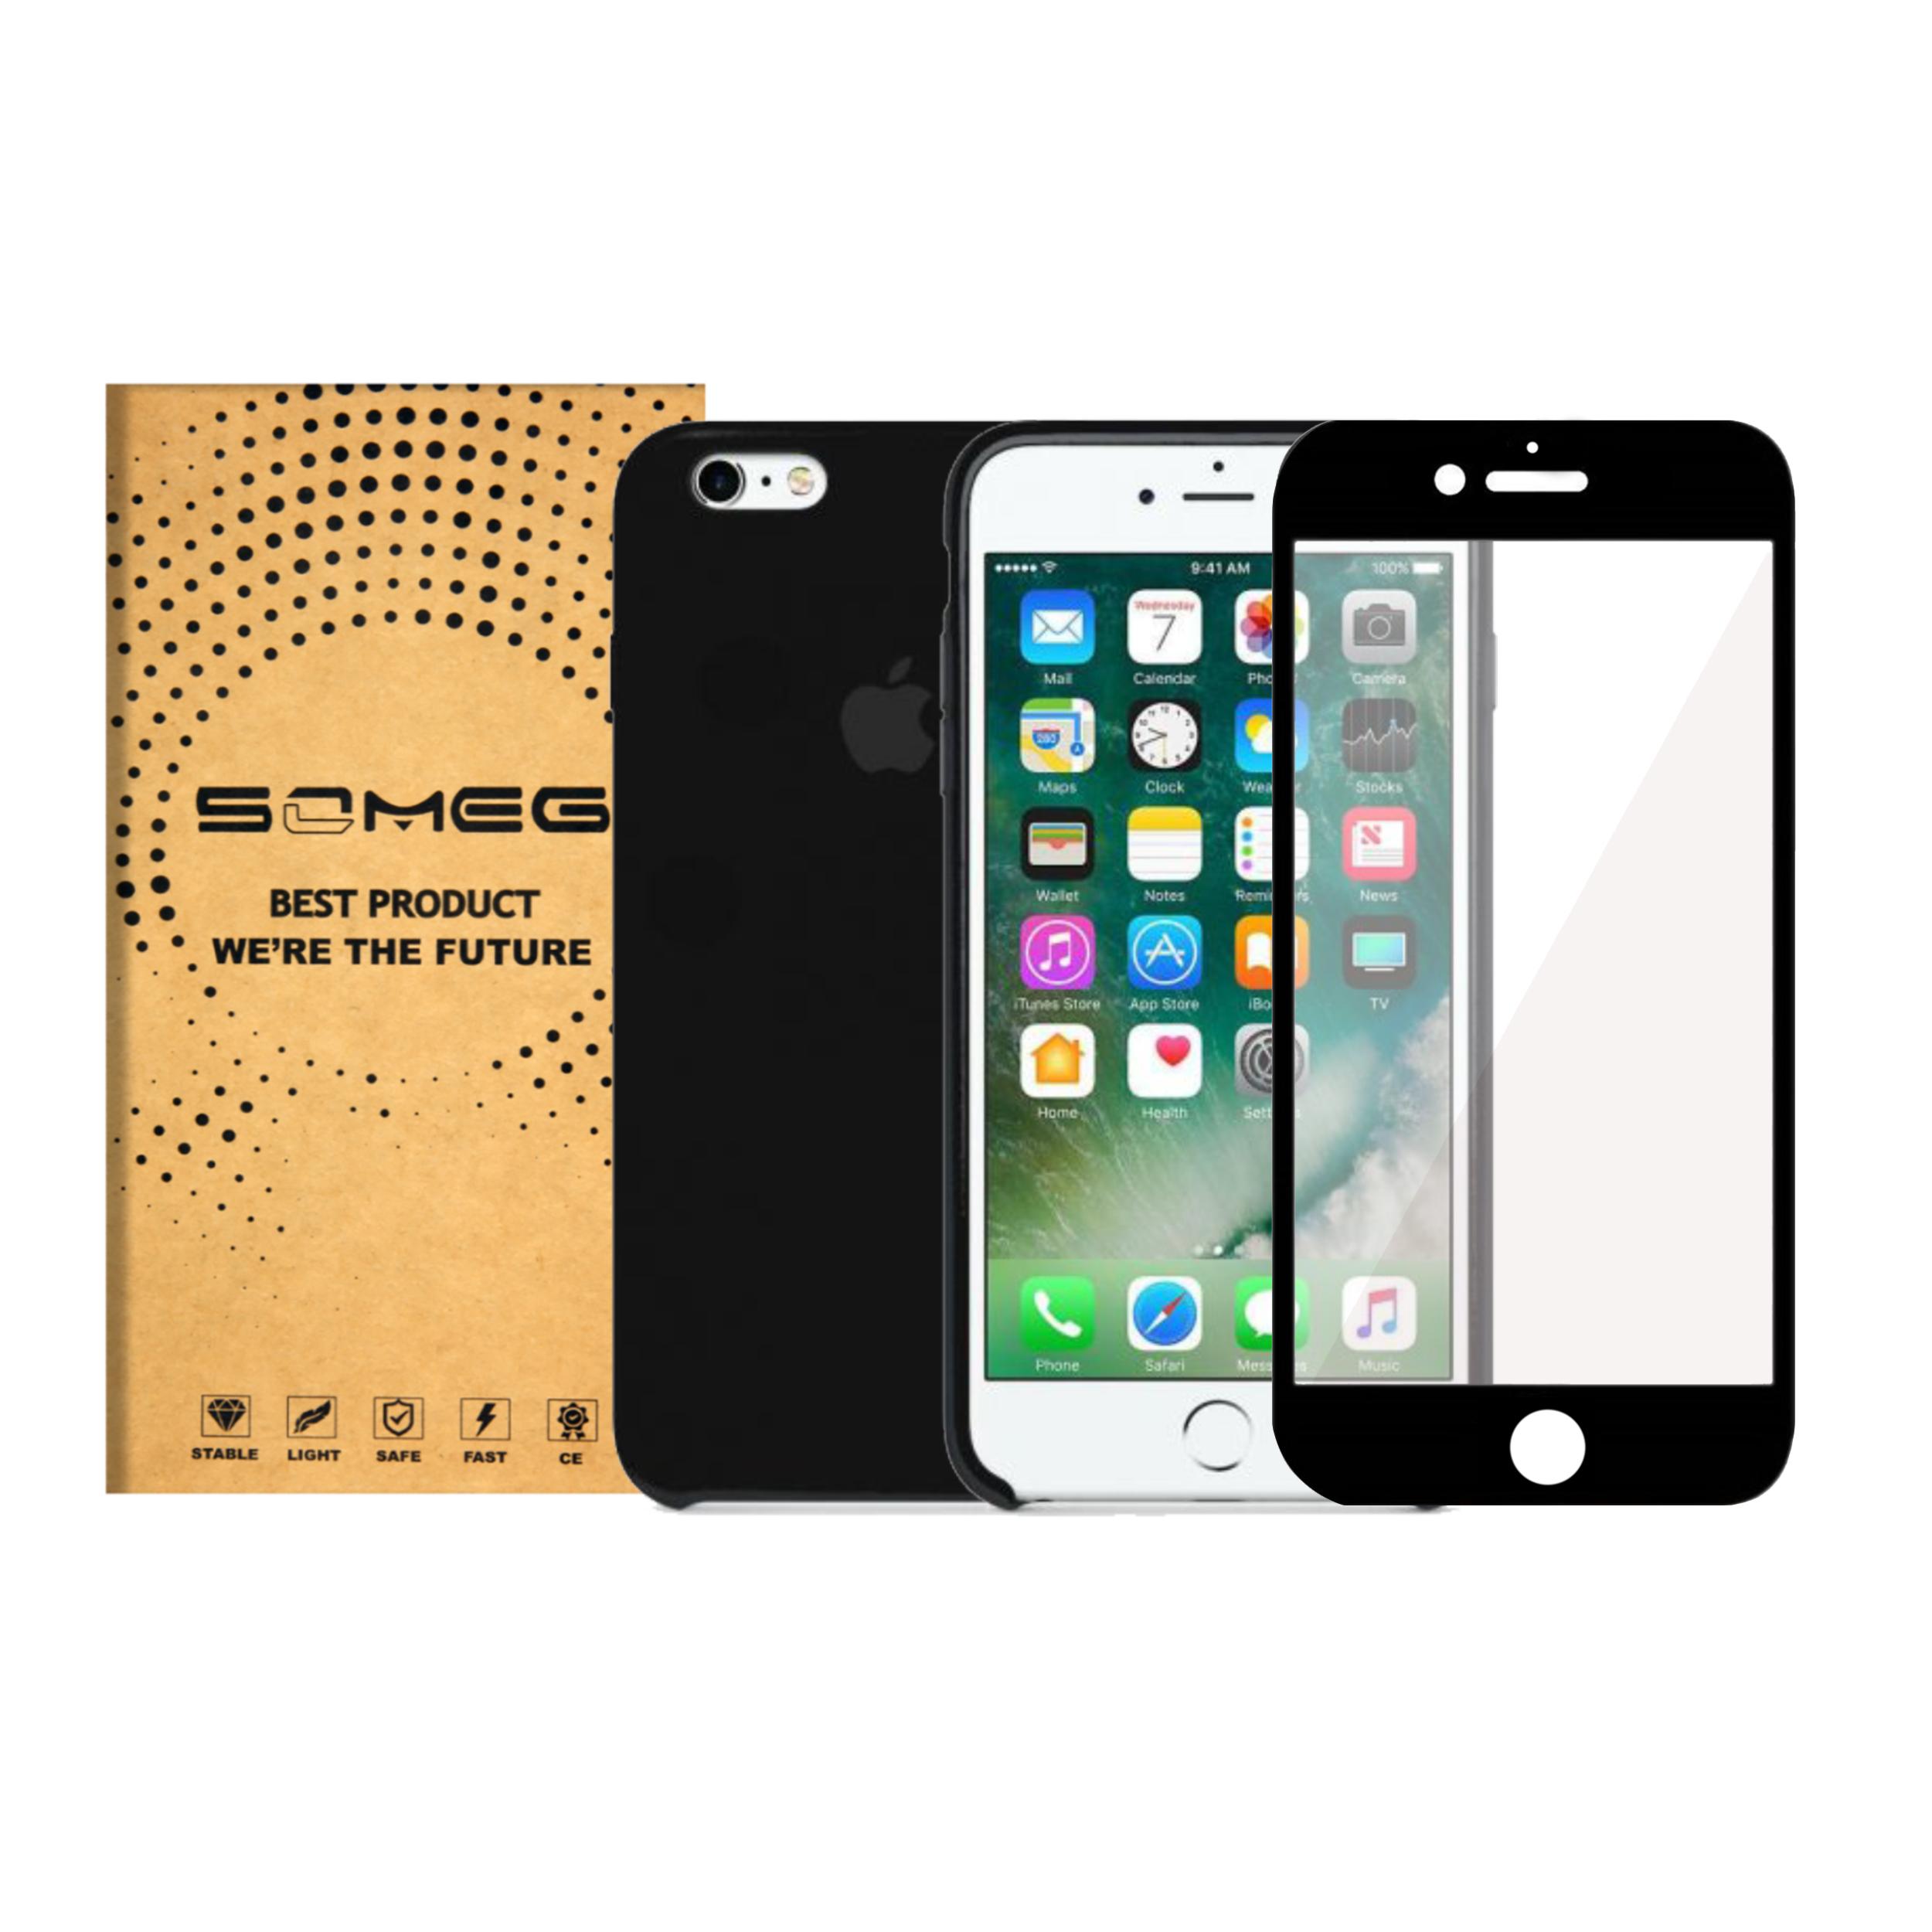 کاور سومگ مدل SIC مناسب برای گوشی موبایل اپل iPhone 6s-6 به همراه محافظ صفحه نمایش